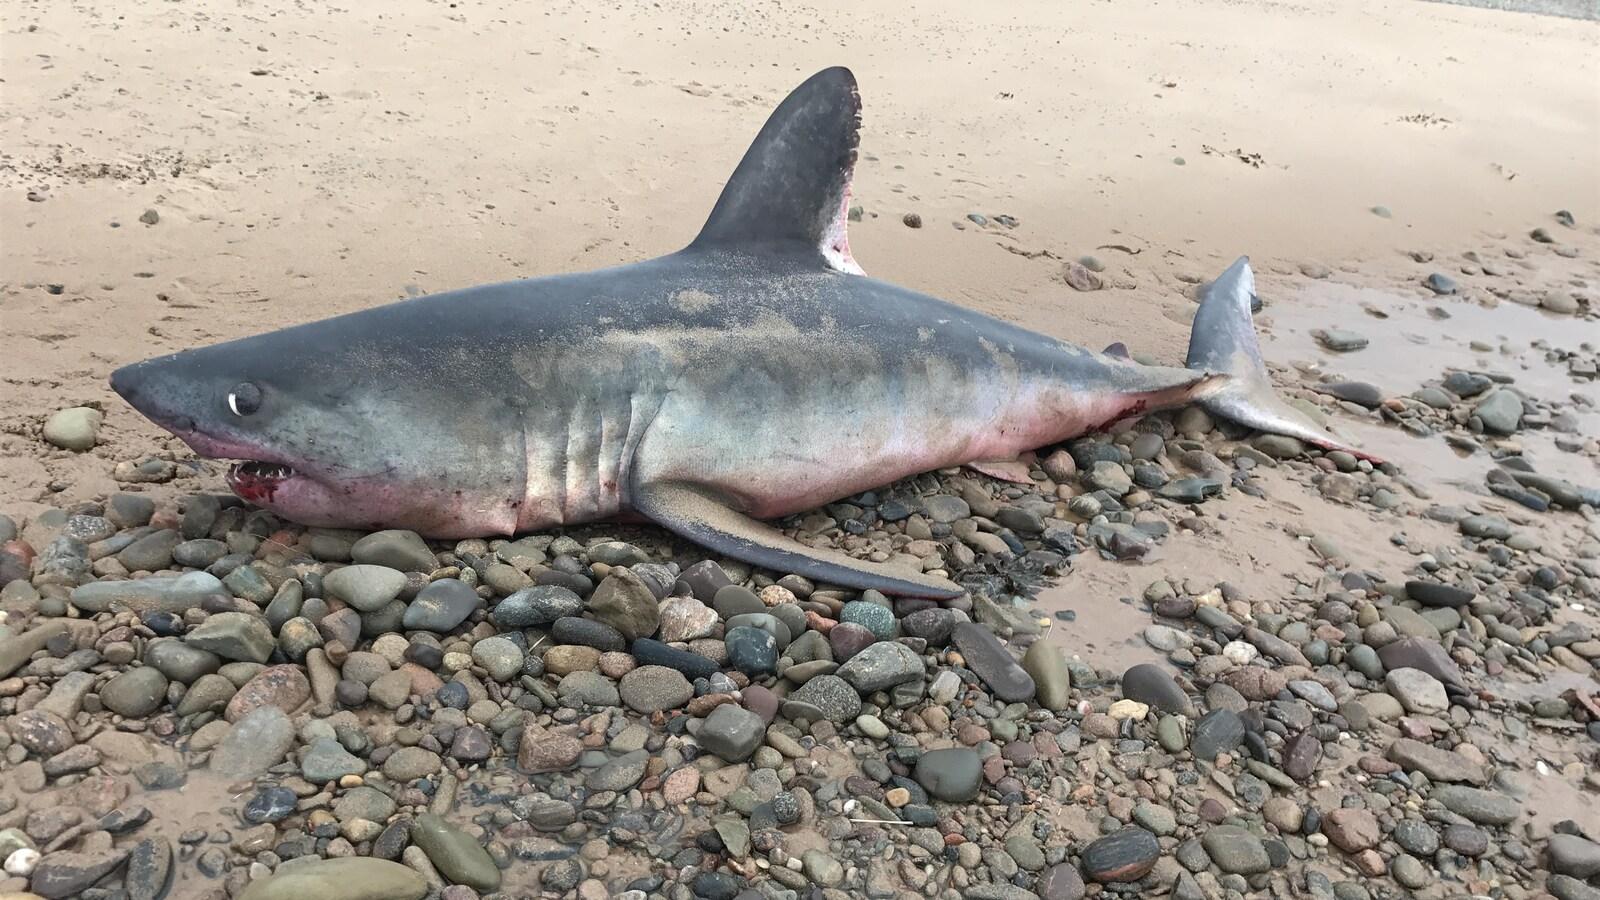 Un requin-taupe commun s'est échoué sur une plage d'Inverness en Nouvelle-Écosse.